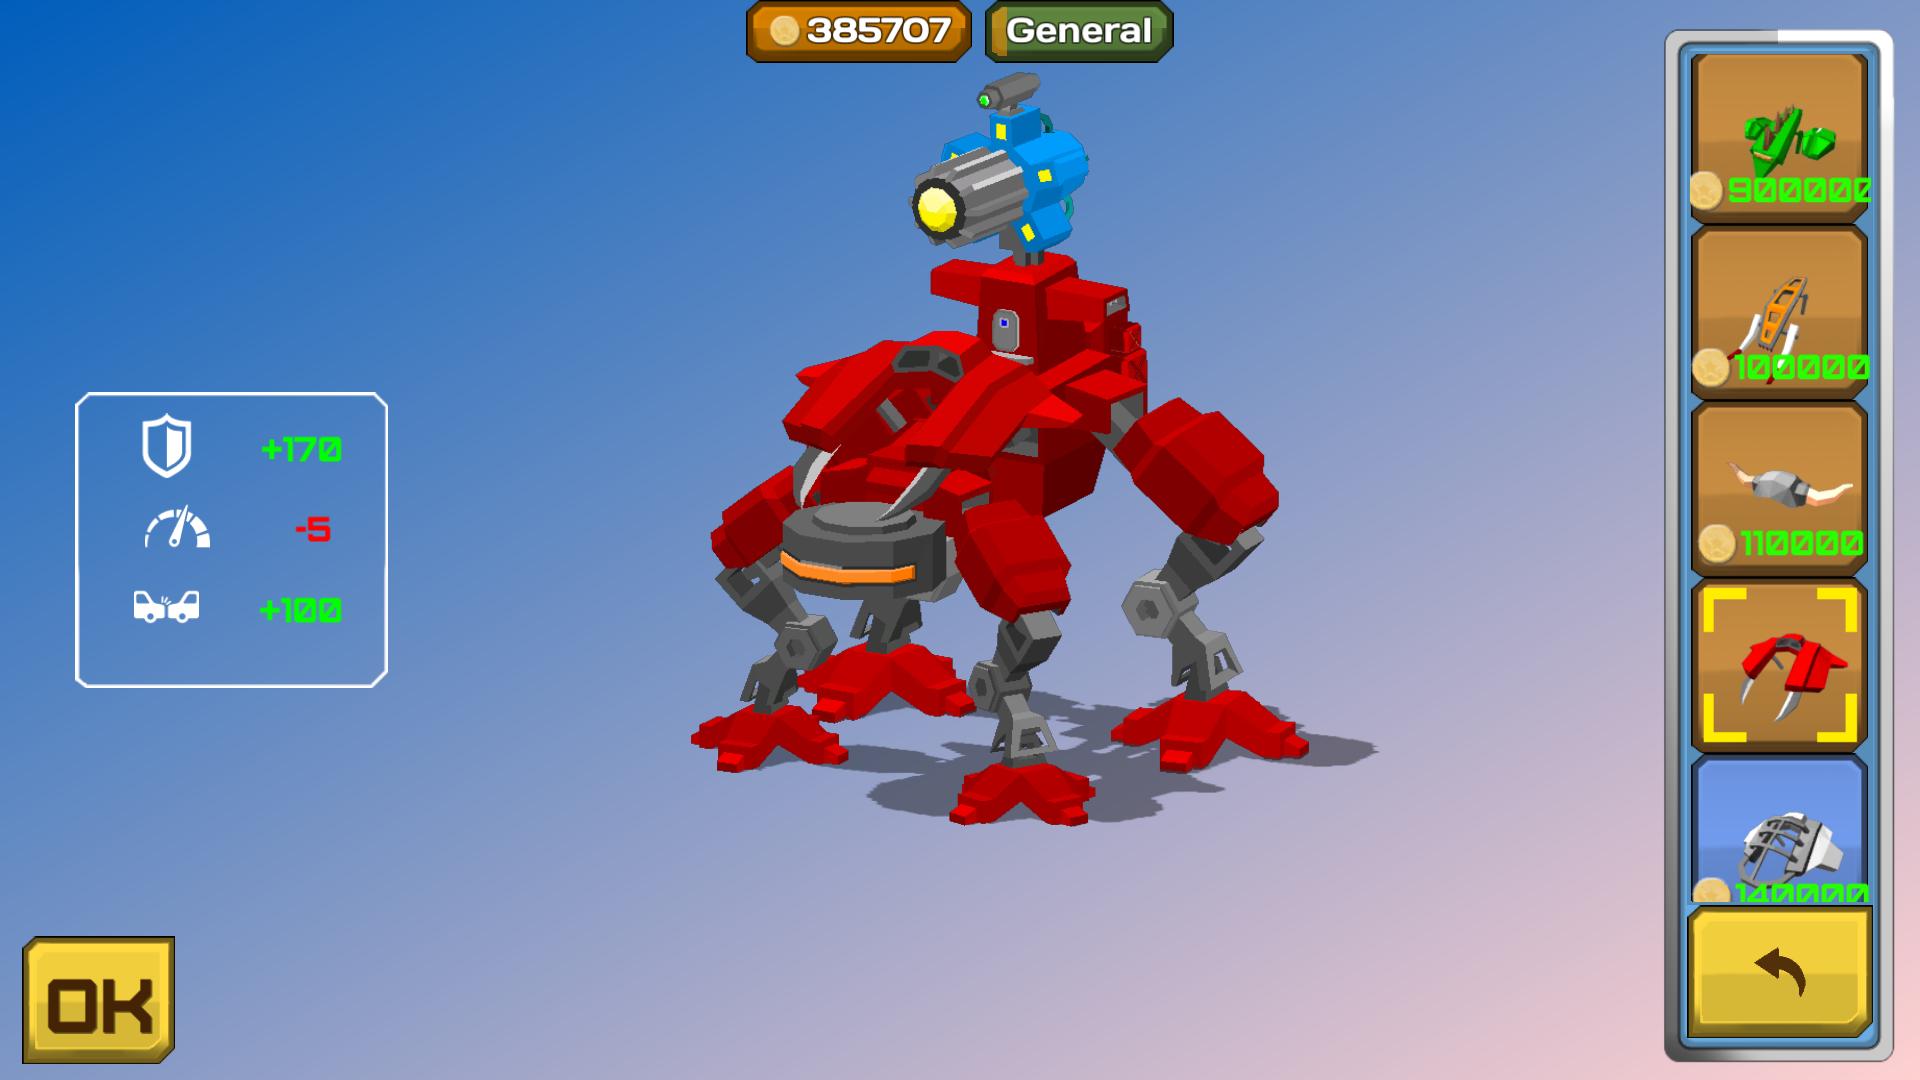 Spine armor for the quad